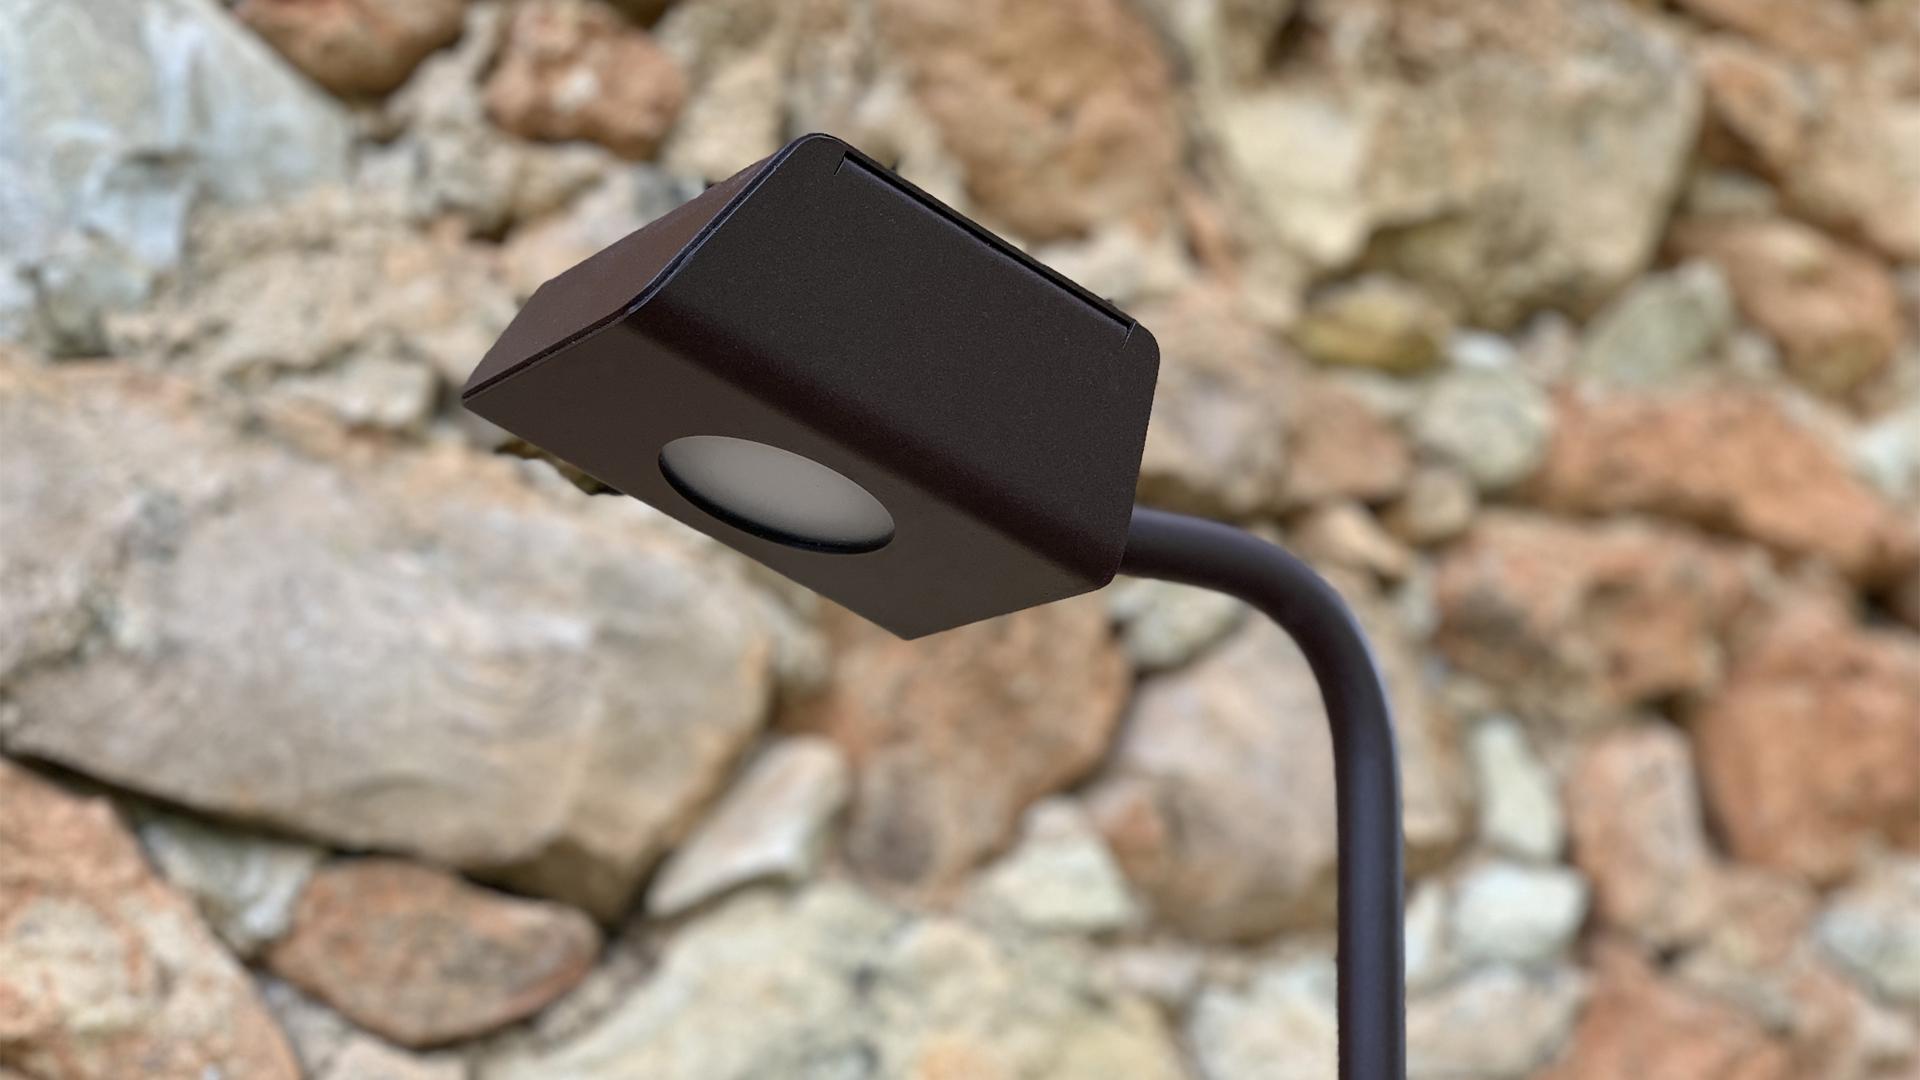 KOKON est un luminaire extérieur à LED basse consommation. Fabriqué en acier rouille Corten, le luminaire extérieur KOKON se décline en applique murale, en borne extérieure et en spot extérieur. KOKON offre un condensé de lumière et un éclairage performant. Idéal pour l'éclairage de jardin, l'éclairage de végétaux, le balisage d'allées, l'éclairage de chemins. Comme tous les luminaires d'extérieur LYX Luminaires, la lampe extérieure KOKON est de conception et fabrication française.